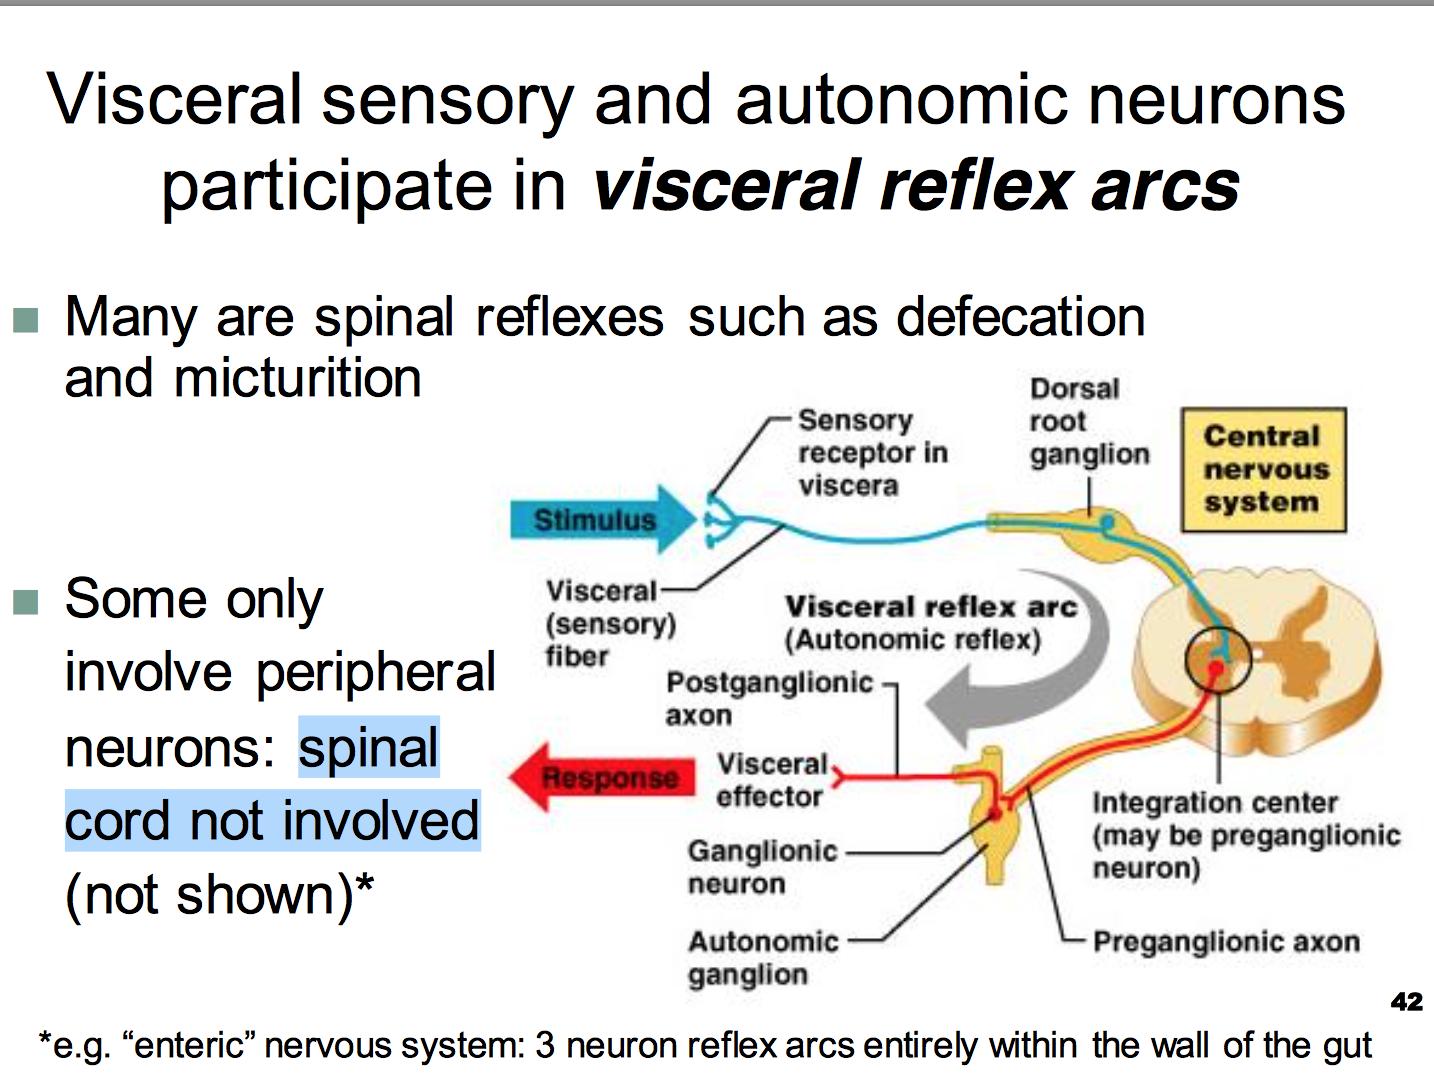 Ccf L11 Autonomic Nervous System Physiology Unit 1 Flashcards